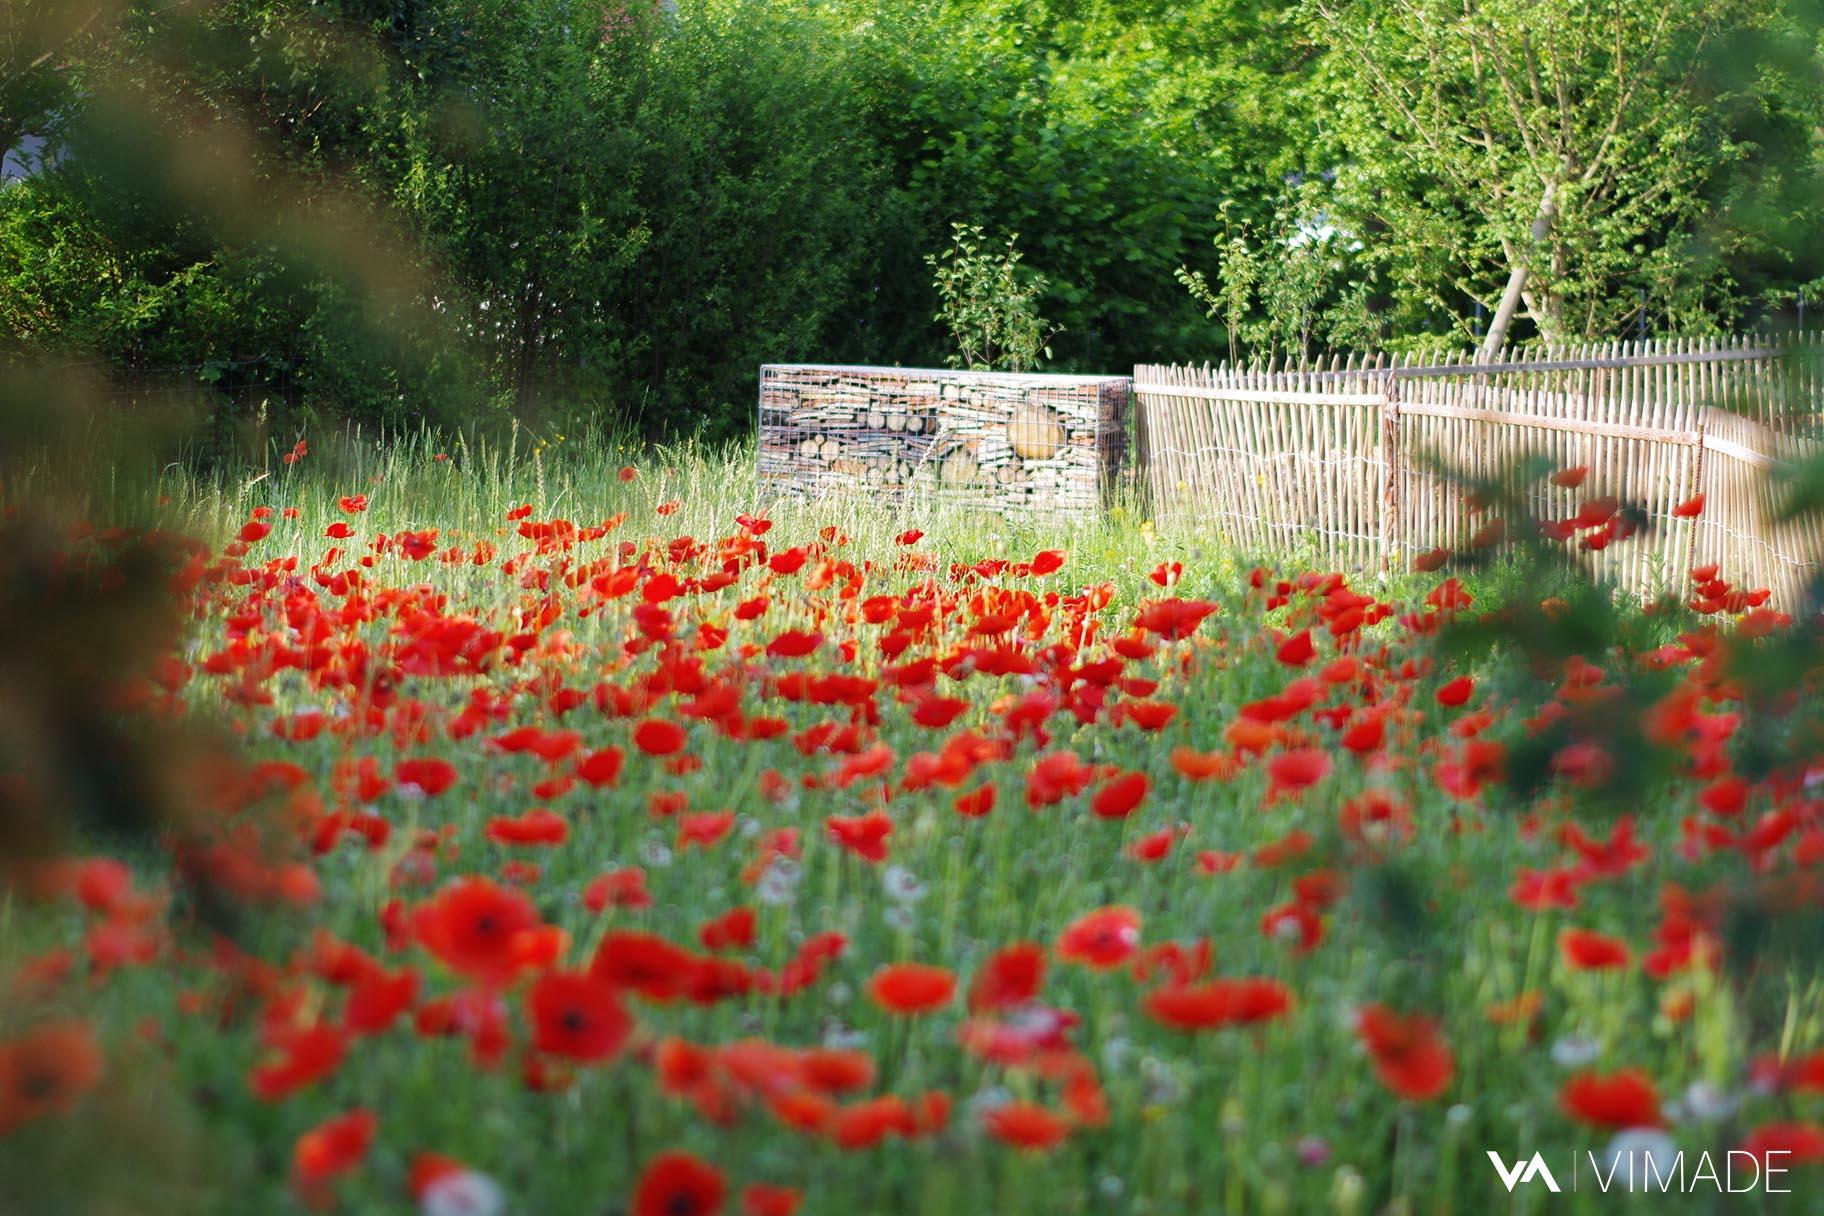 Parc des Tuileries à Bellevue offrant prairies fleuries, hôtels à insectes, refuge pour la faune, nature en ville, végétation indigène et espaces d'agrément par le bureau VIMADE Architectes paysagistes Genève.